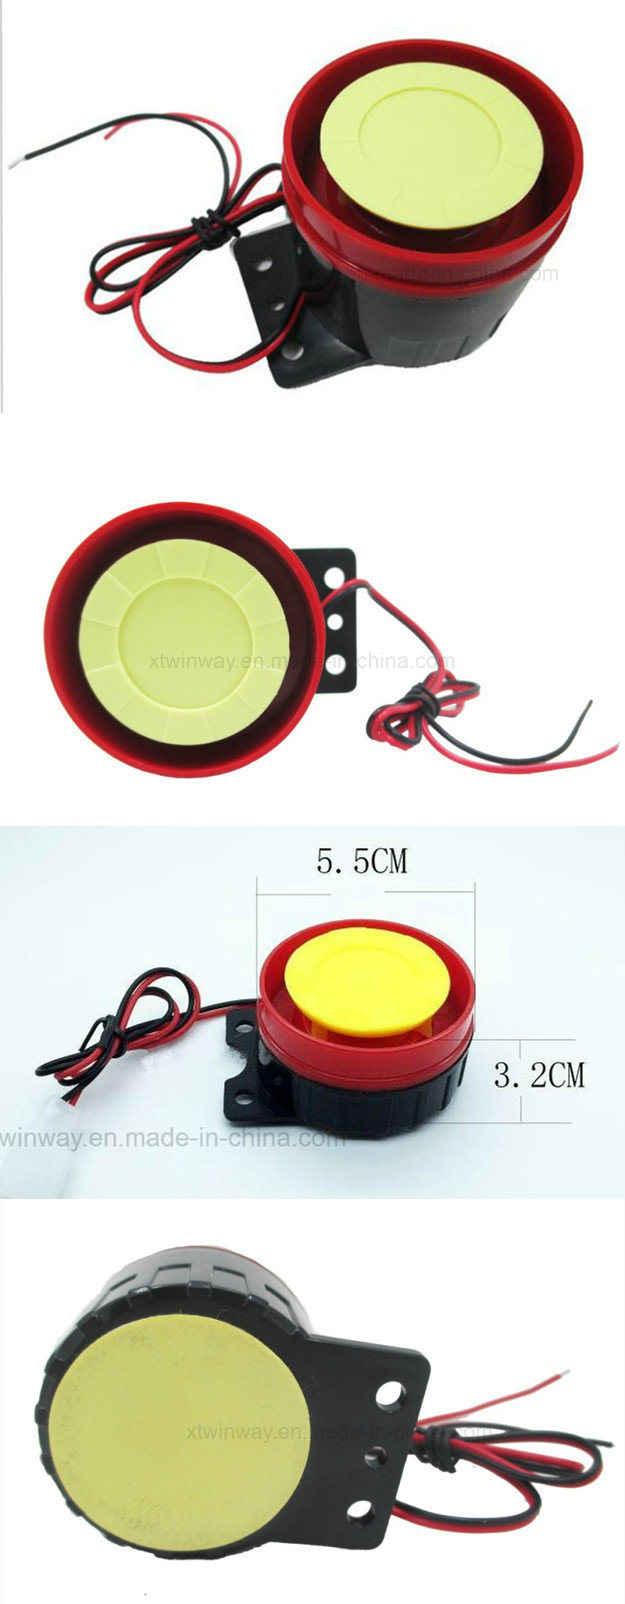 Ww-8713, 12V 125dB Mini Motorcycle Horn Alarm Speaker